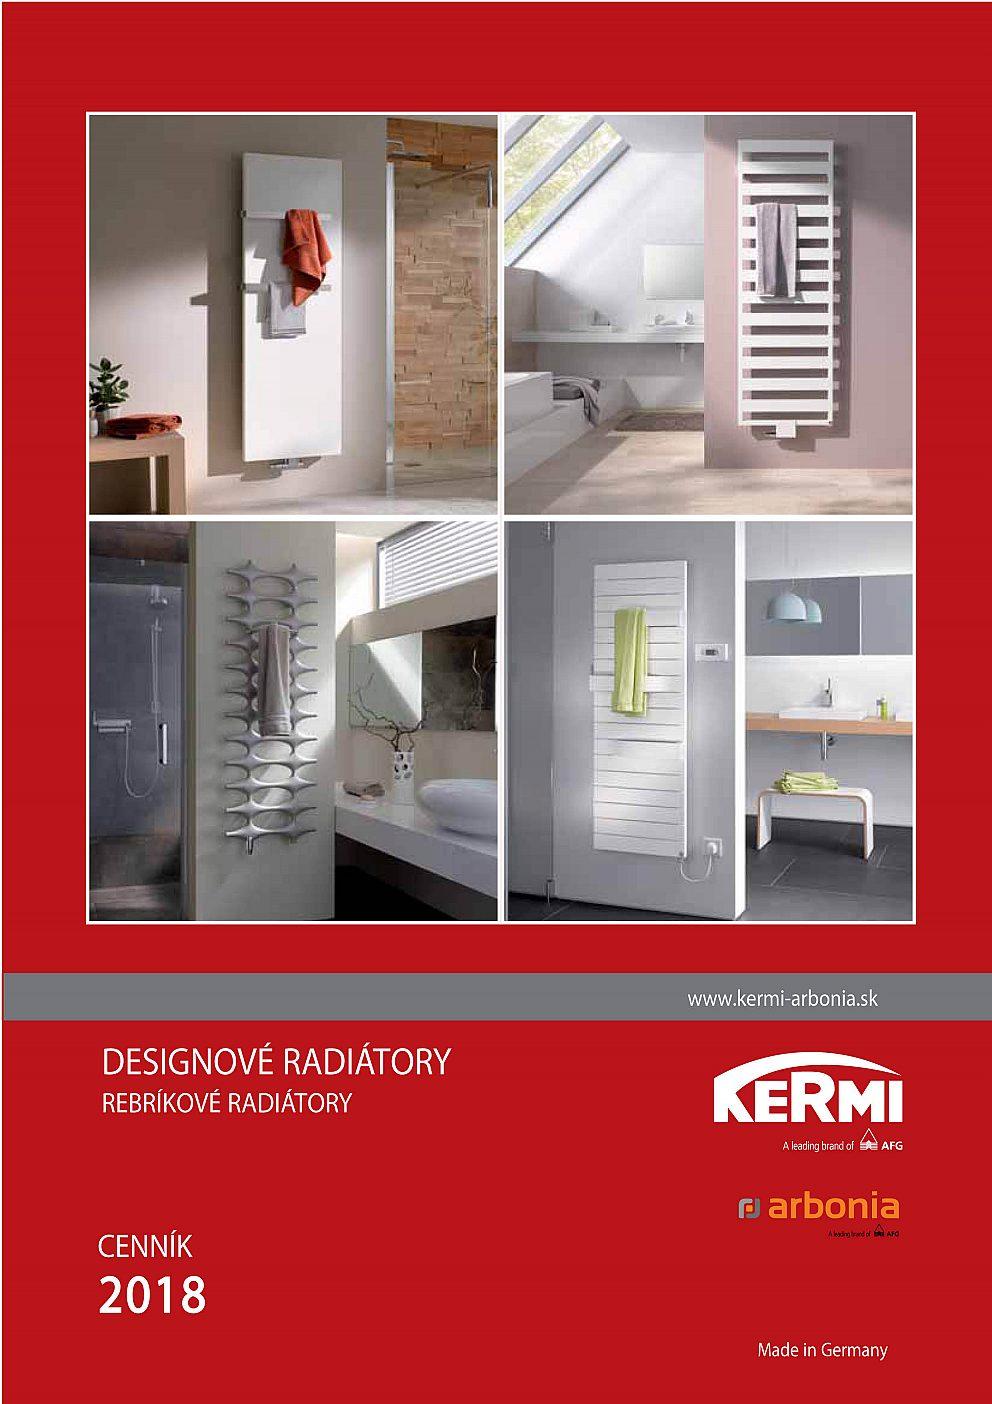 Kermi - Deignové radiatory 2018